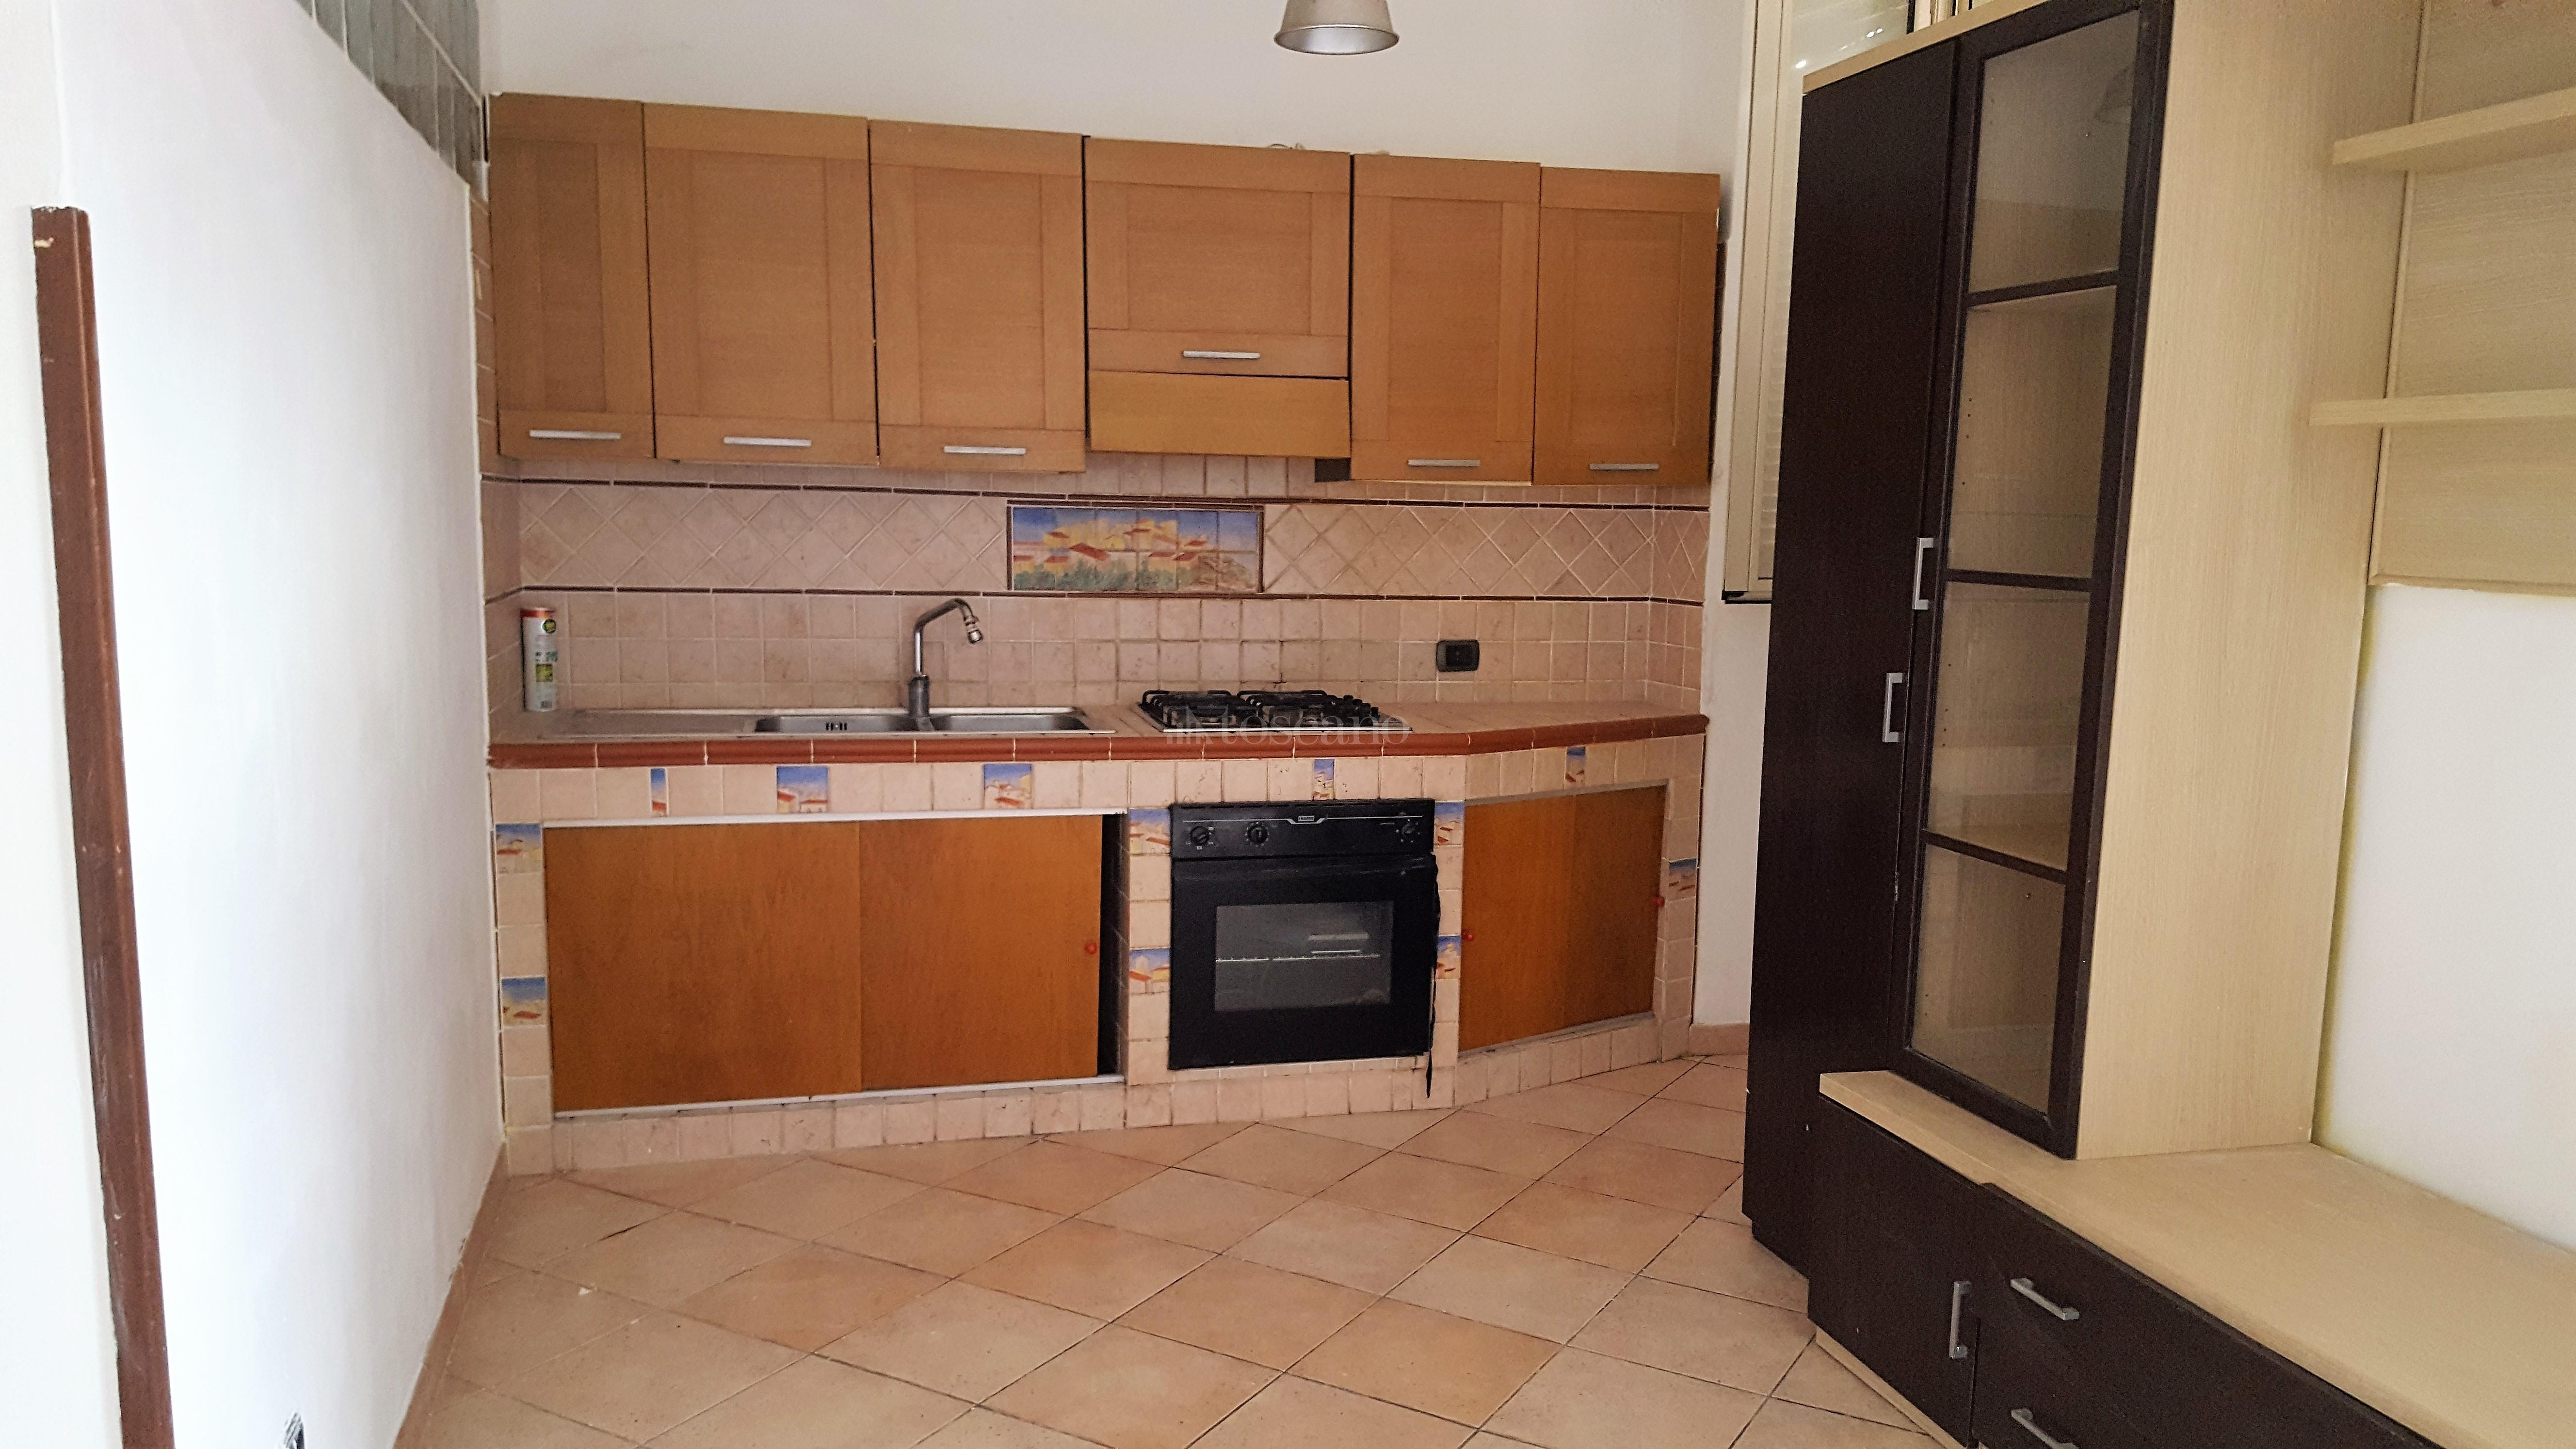 Trilocale in affitto a Frosinone in Traversa Largo Campagiorni